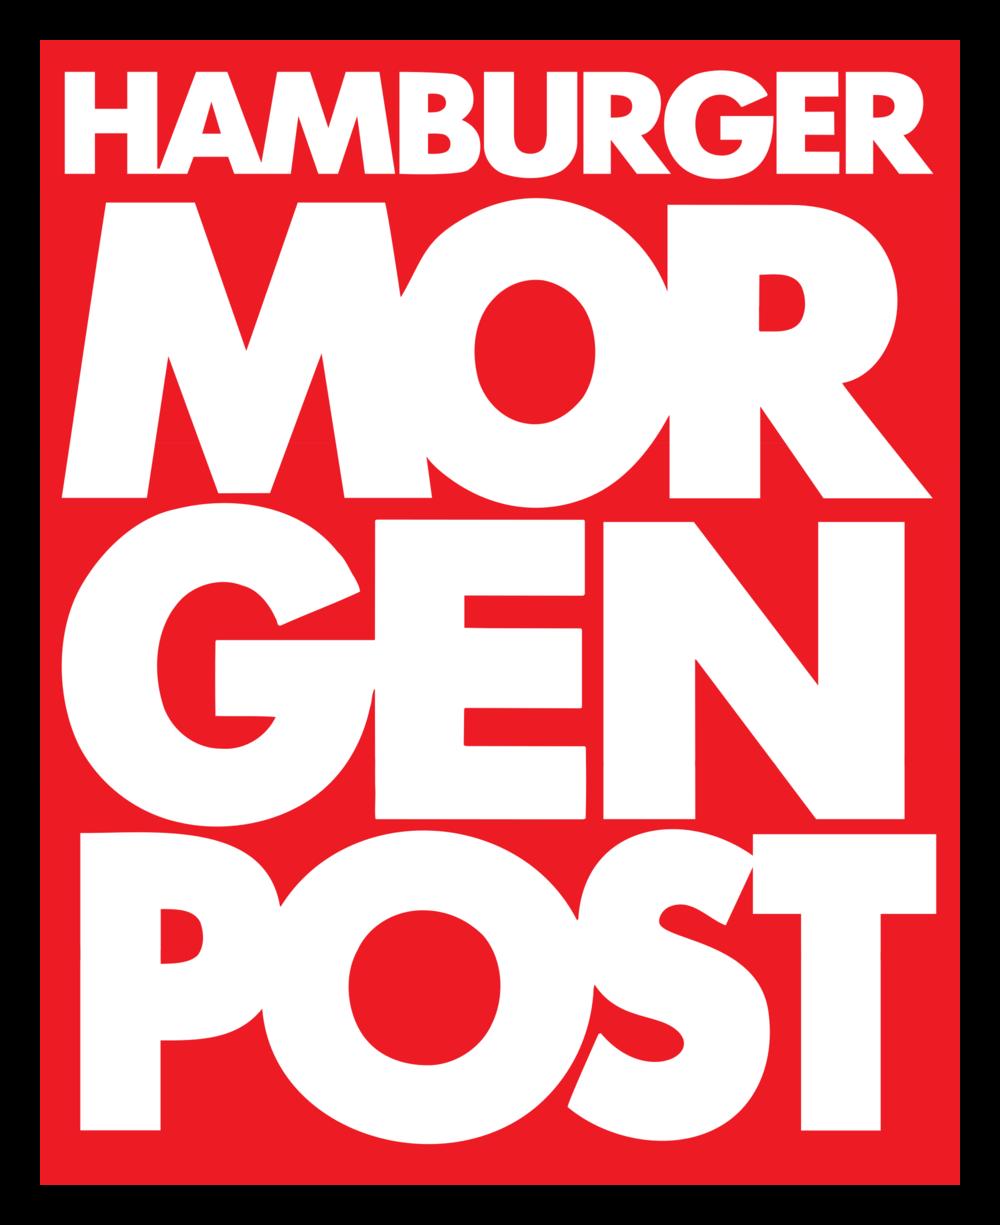 Hamburger Morgenpost.png